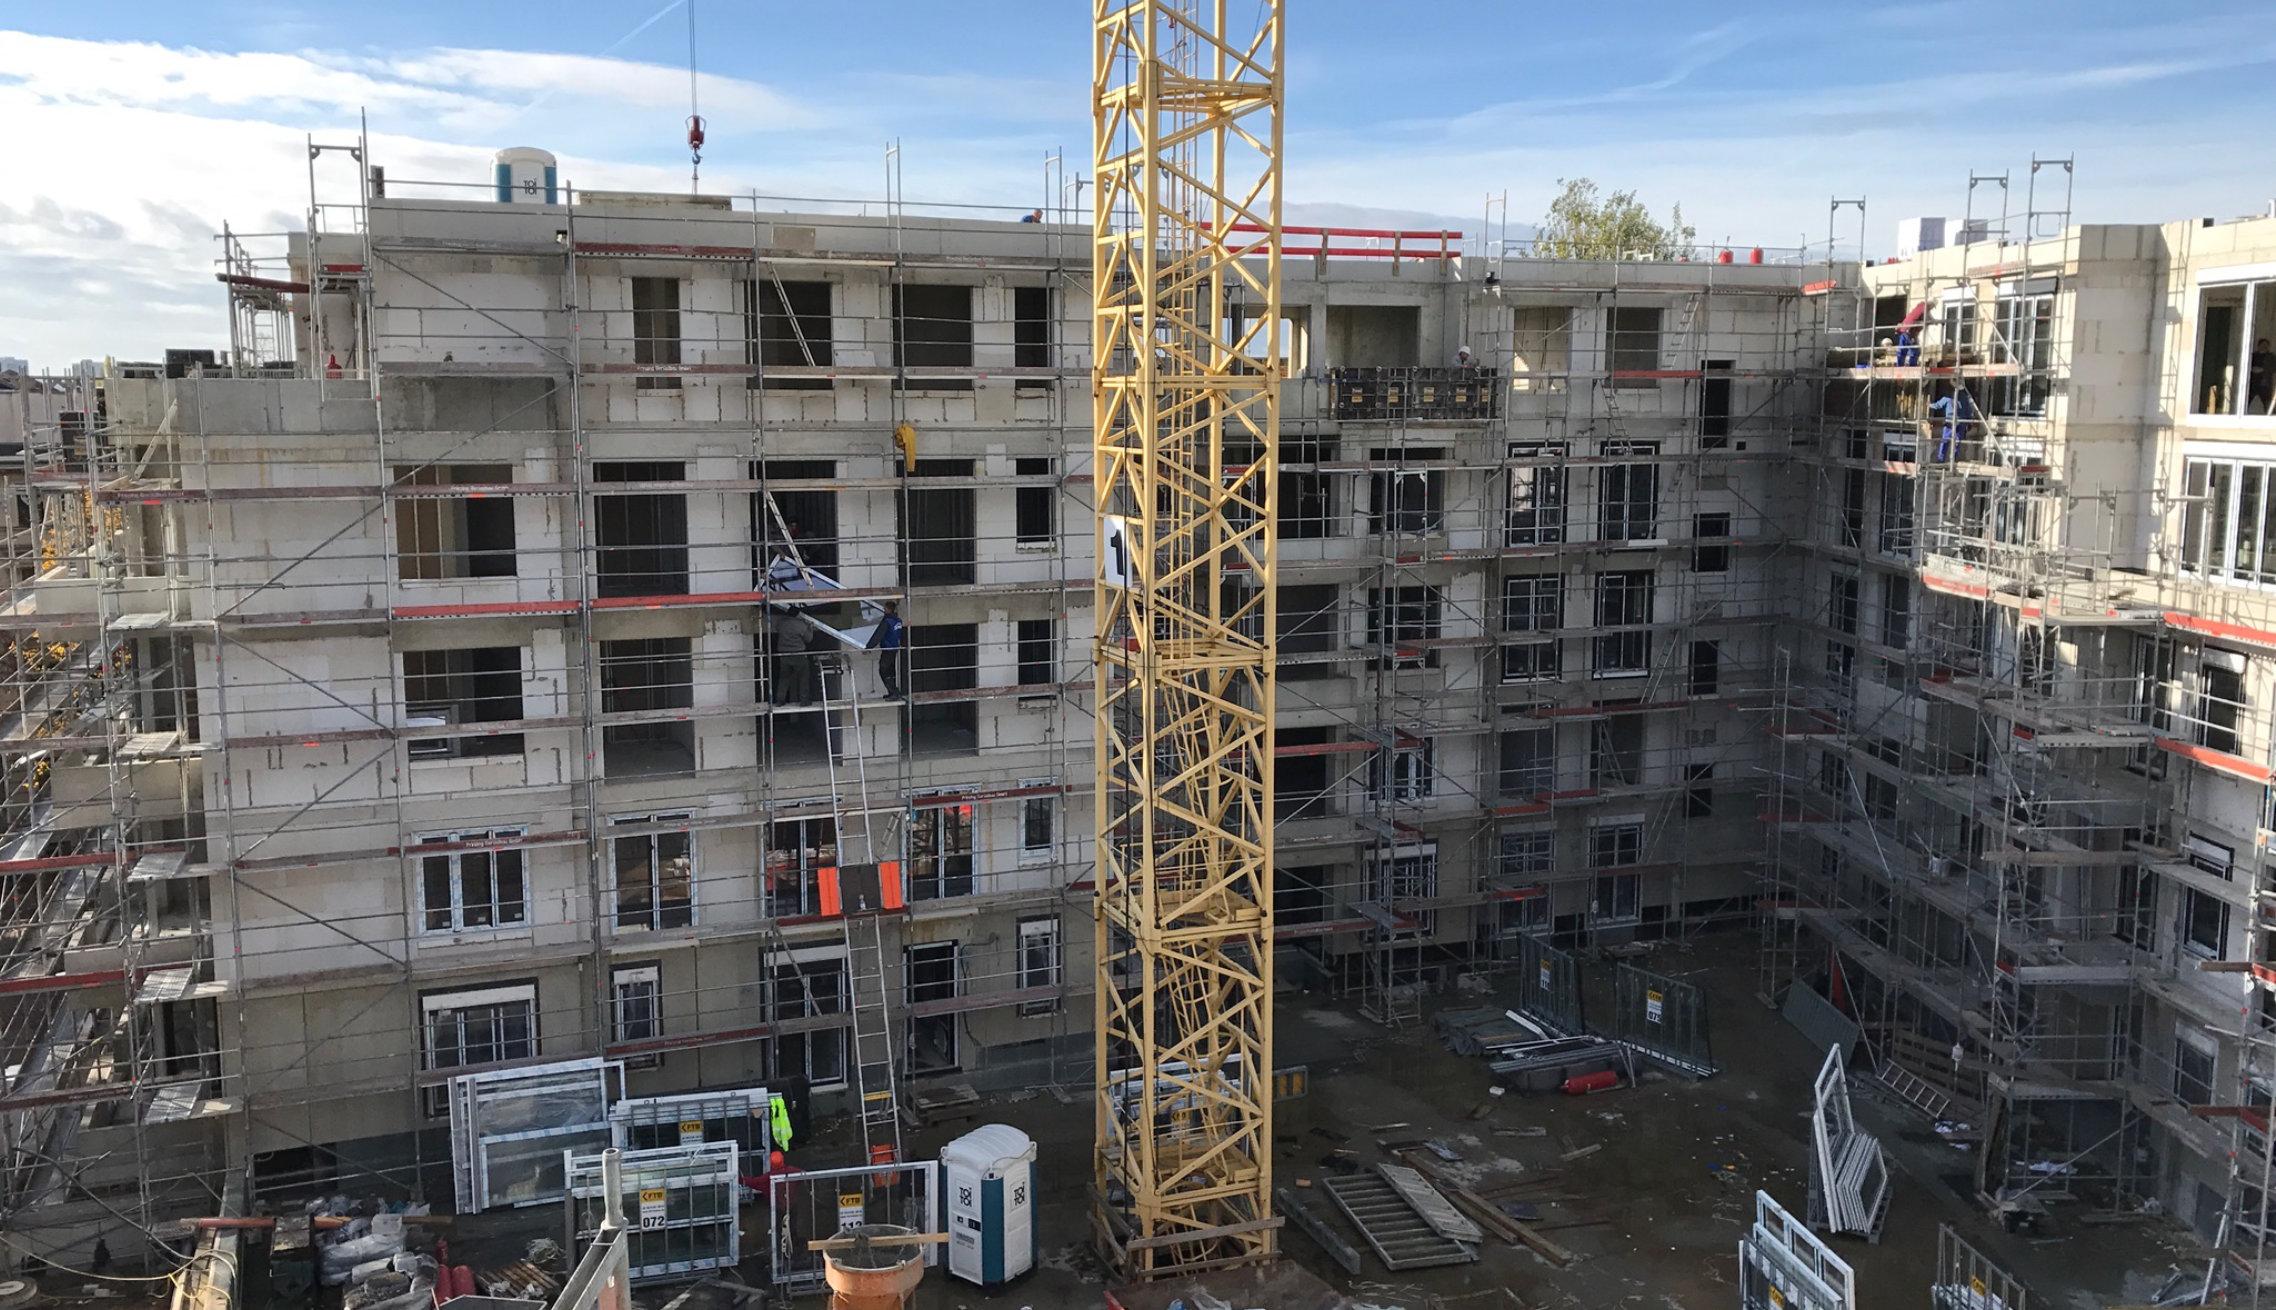 Rohbauarbeiten im Hochbau vom Bauunternehmen Magdeburg